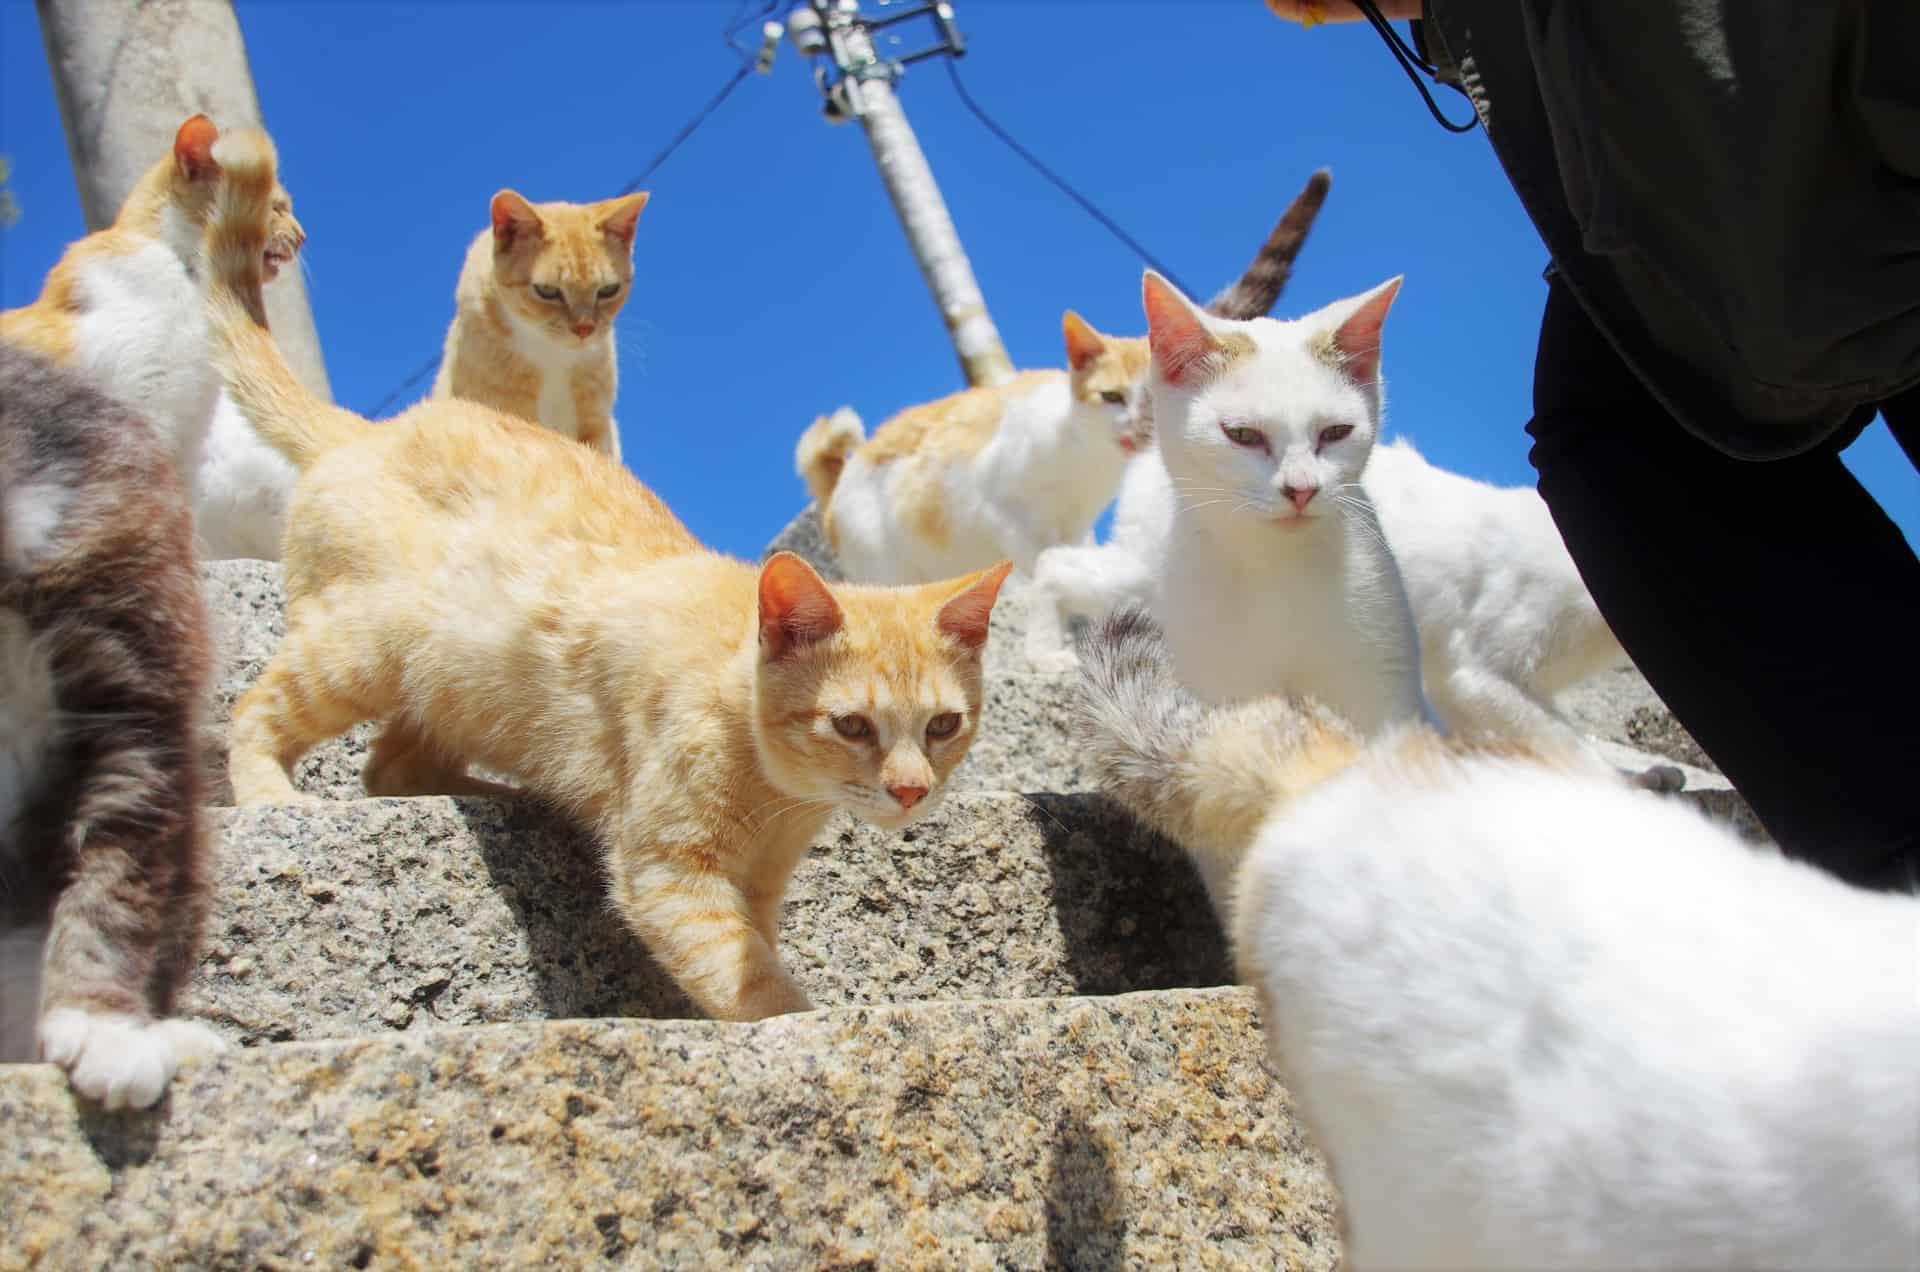 สถานที่ส่อง แมว ที่ต้องไปใน ญี่ปุ่น